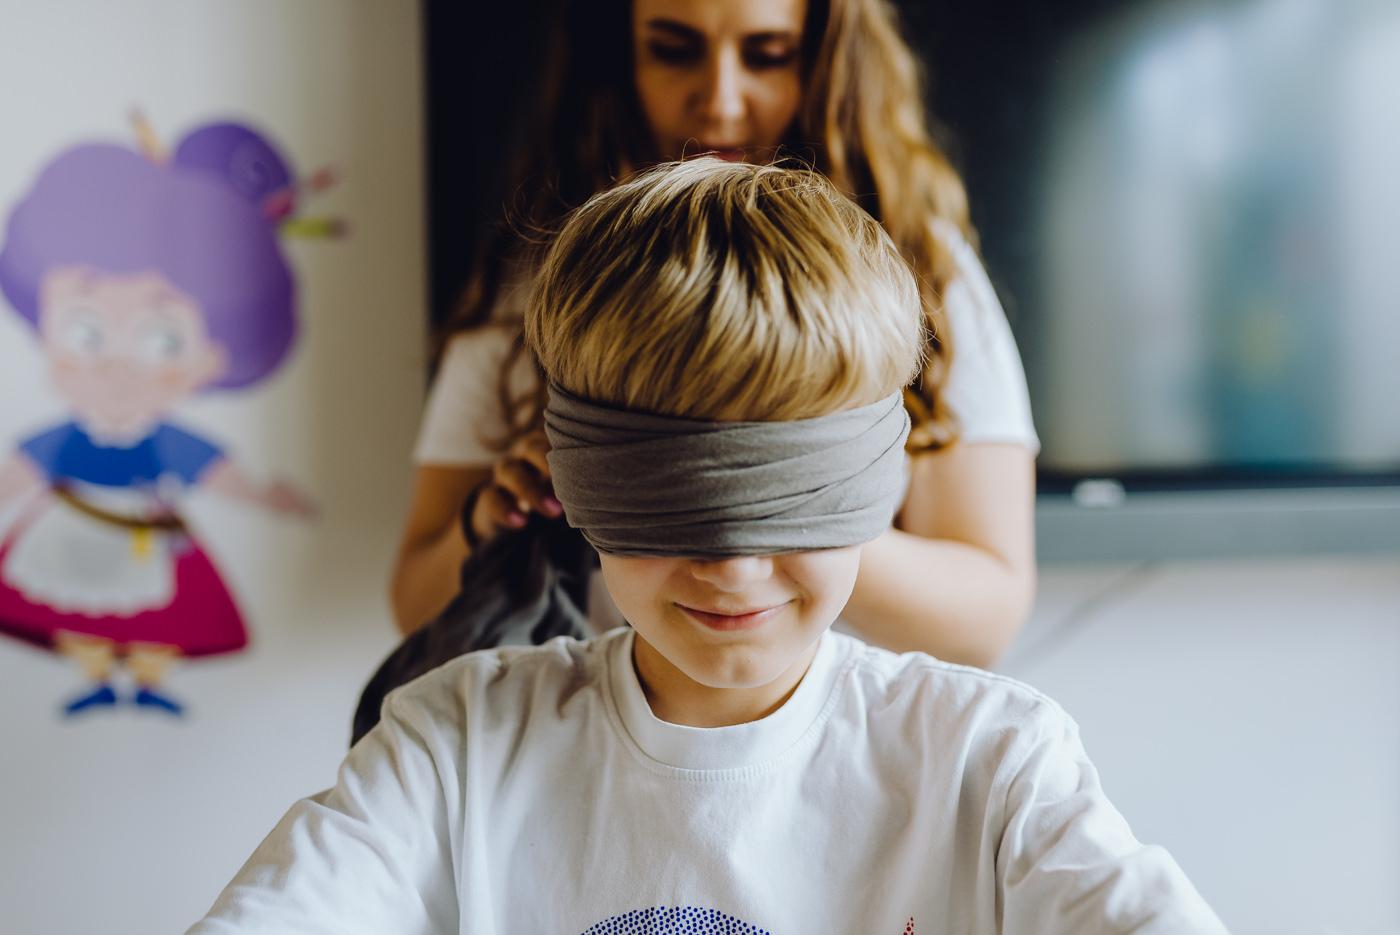 Chłopiec z zawiązanymi oczami